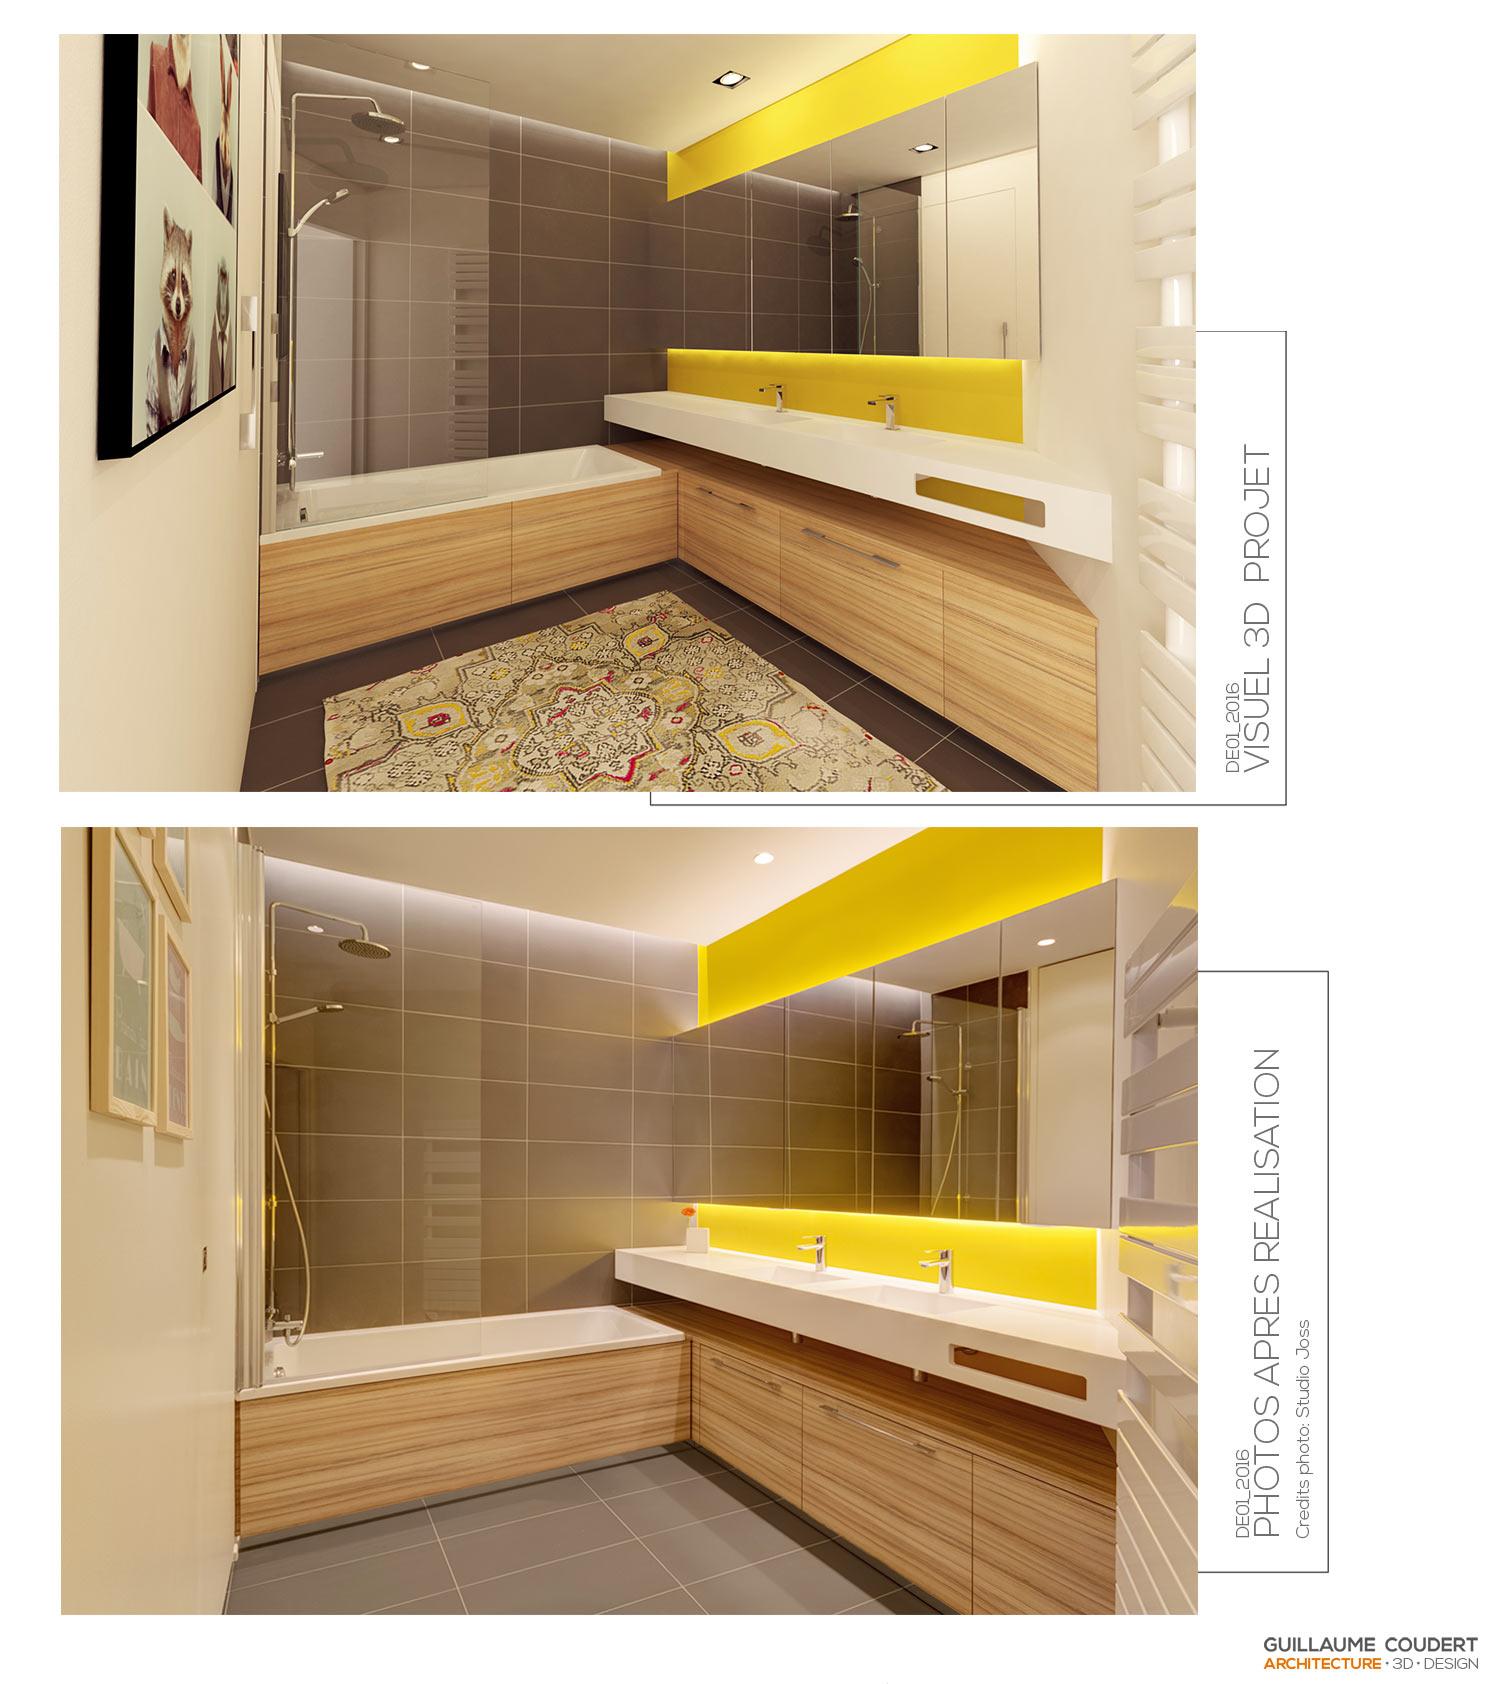 Miroir Salle De Bain Eclairage Led ~ sdb de01 lyon_69006 guillaume coudert architecture d int rieur